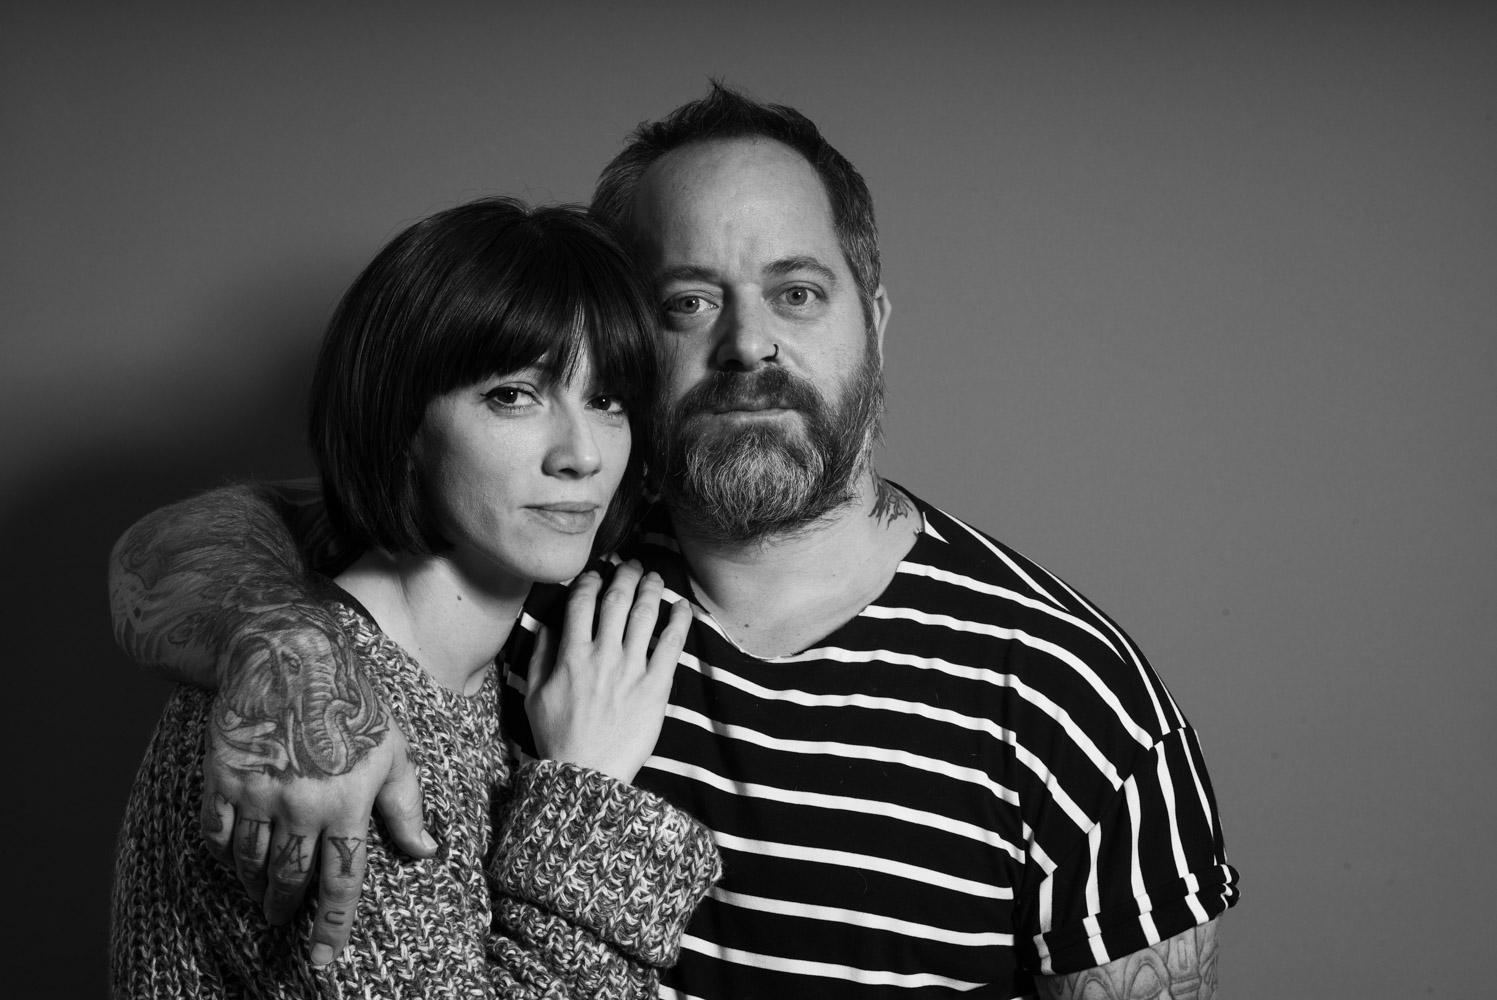 Matthew i Marijana Jastrzemski, vlasnici frizerskog salona Oblik